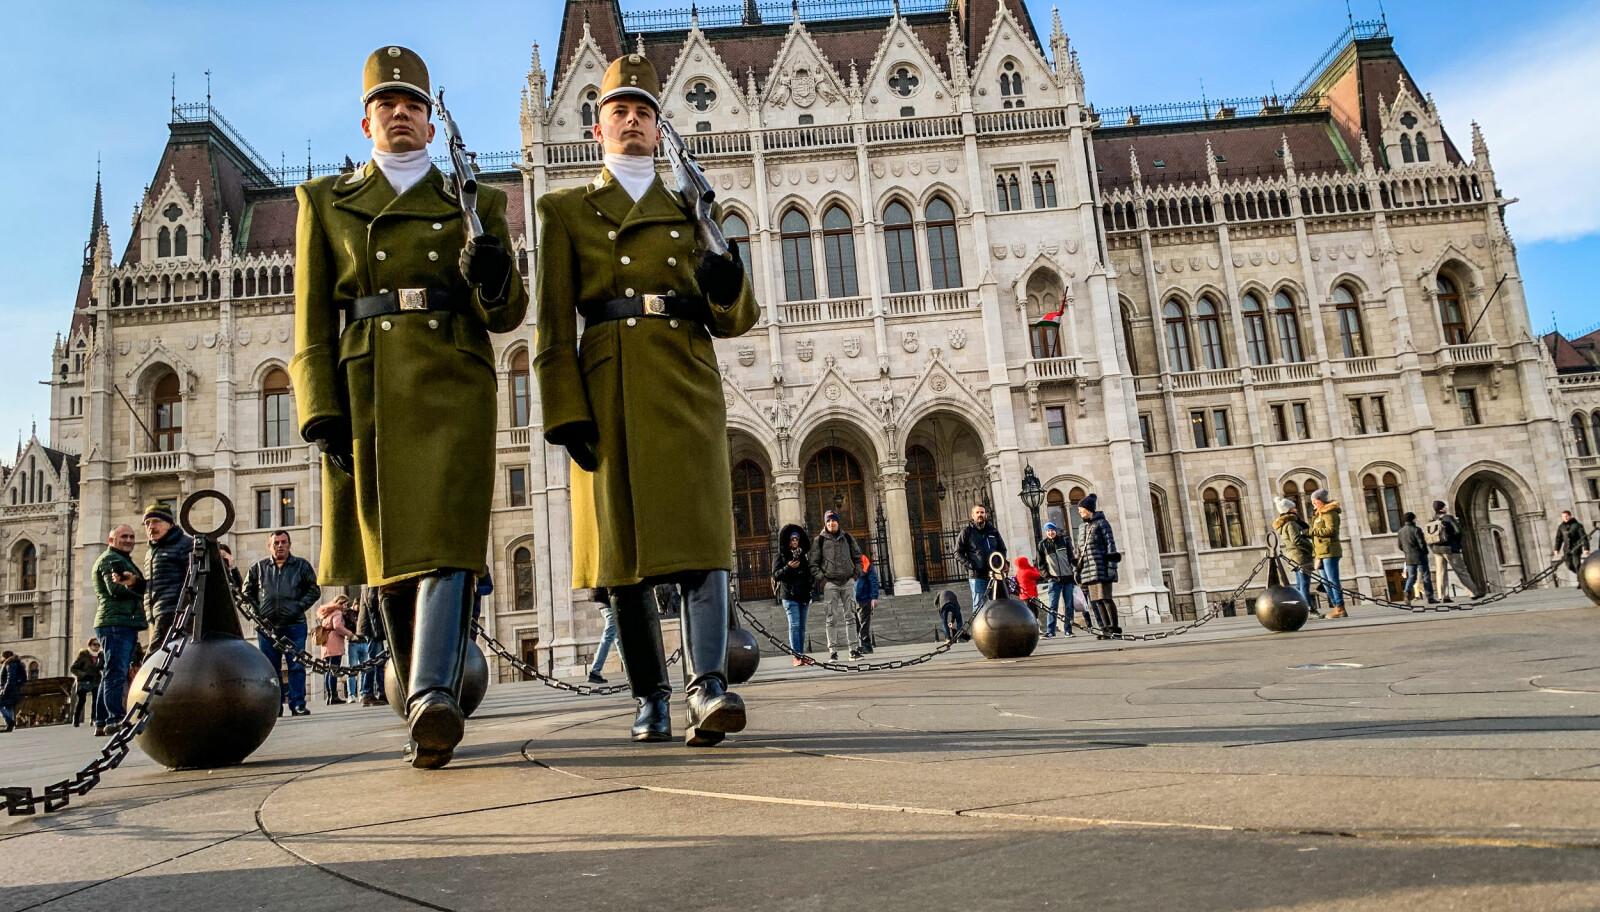 Siden 2010 har Fidesz hatt flertall i det ungarske parlamentet. Foto: Espen Løkeland-Stai